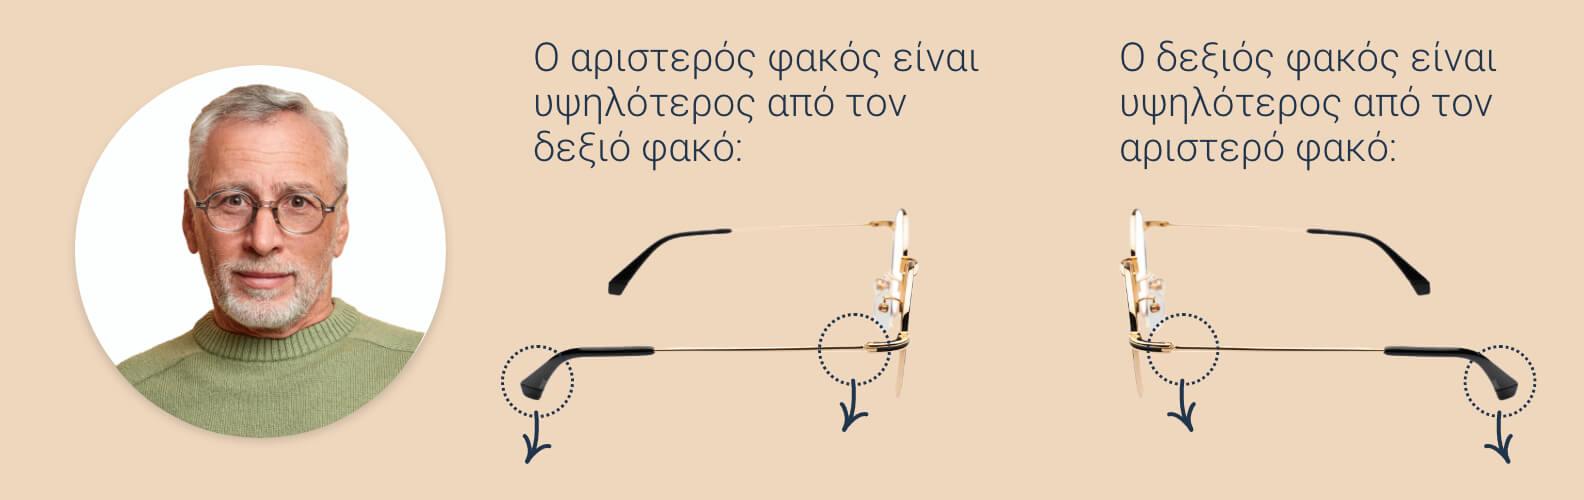 Πώς να χαλαρώσετε τον σκελετό και τα μαξιλάρια μύτης των γυαλιών